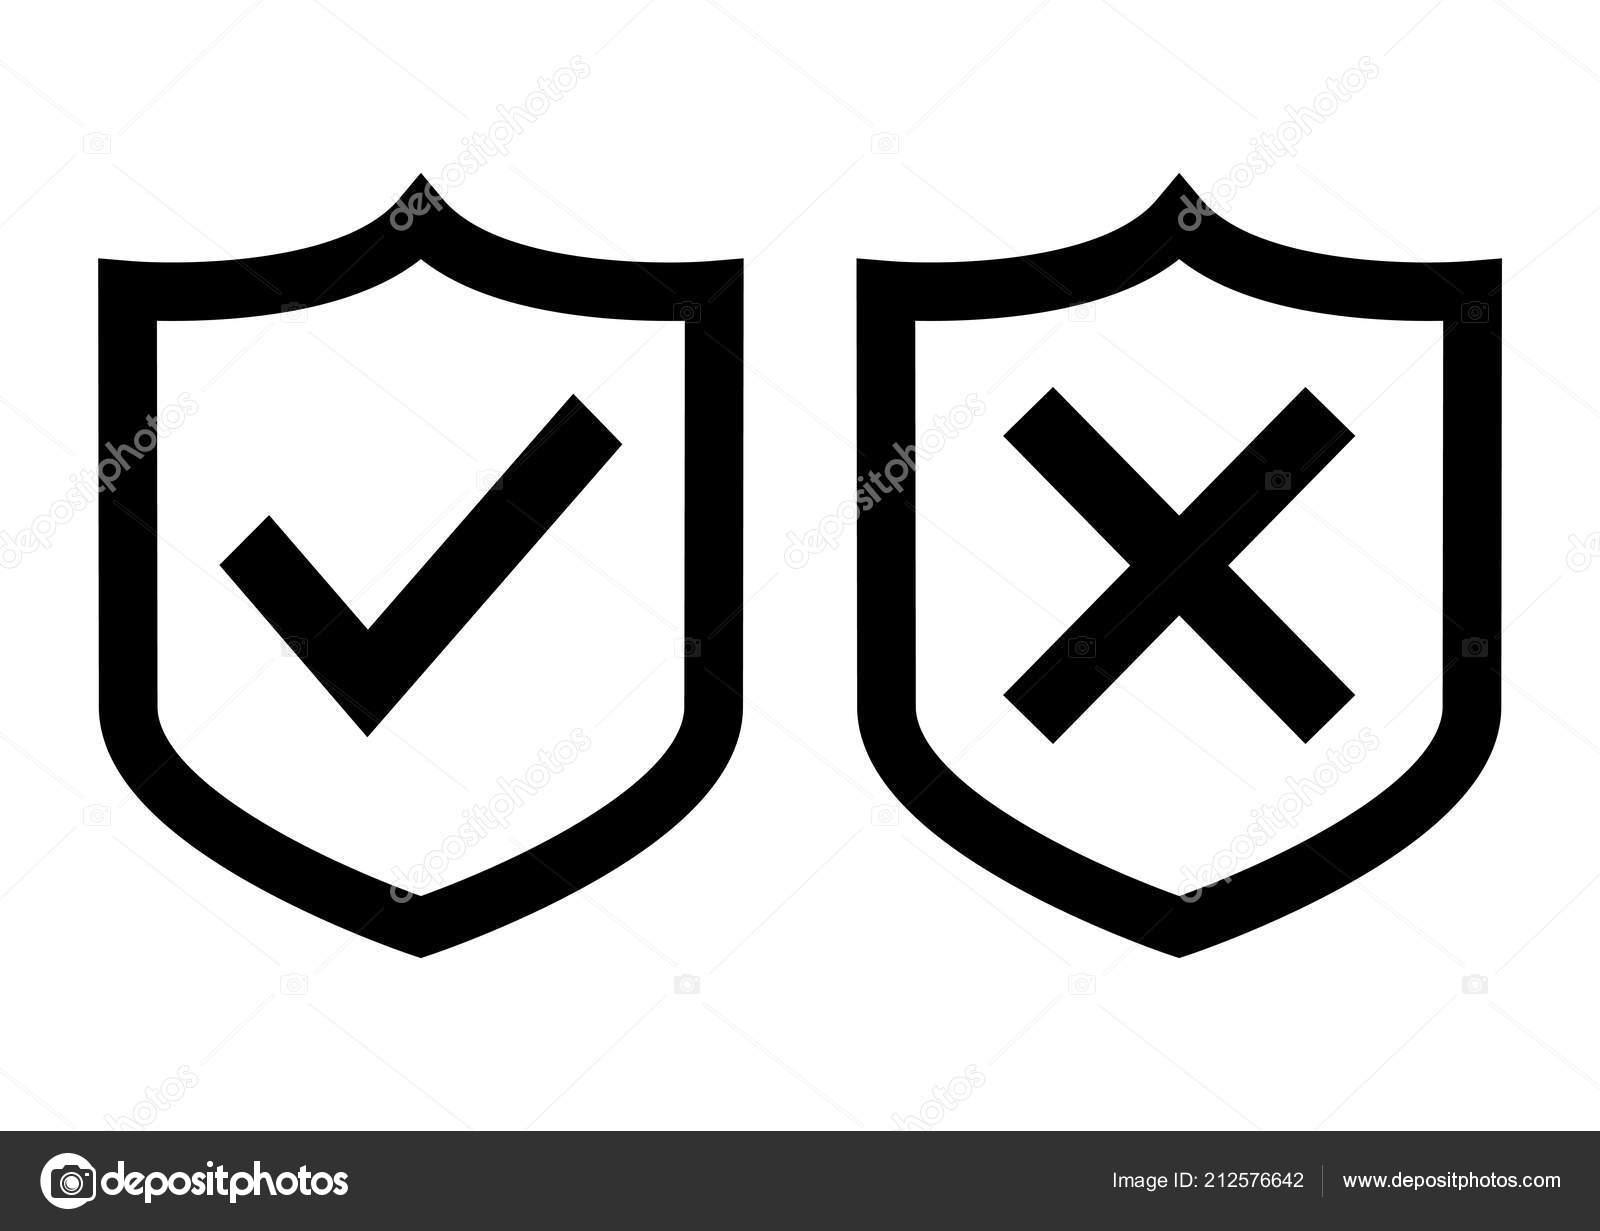 Black Shields Check Mark Cross Vector Illustration — Stock